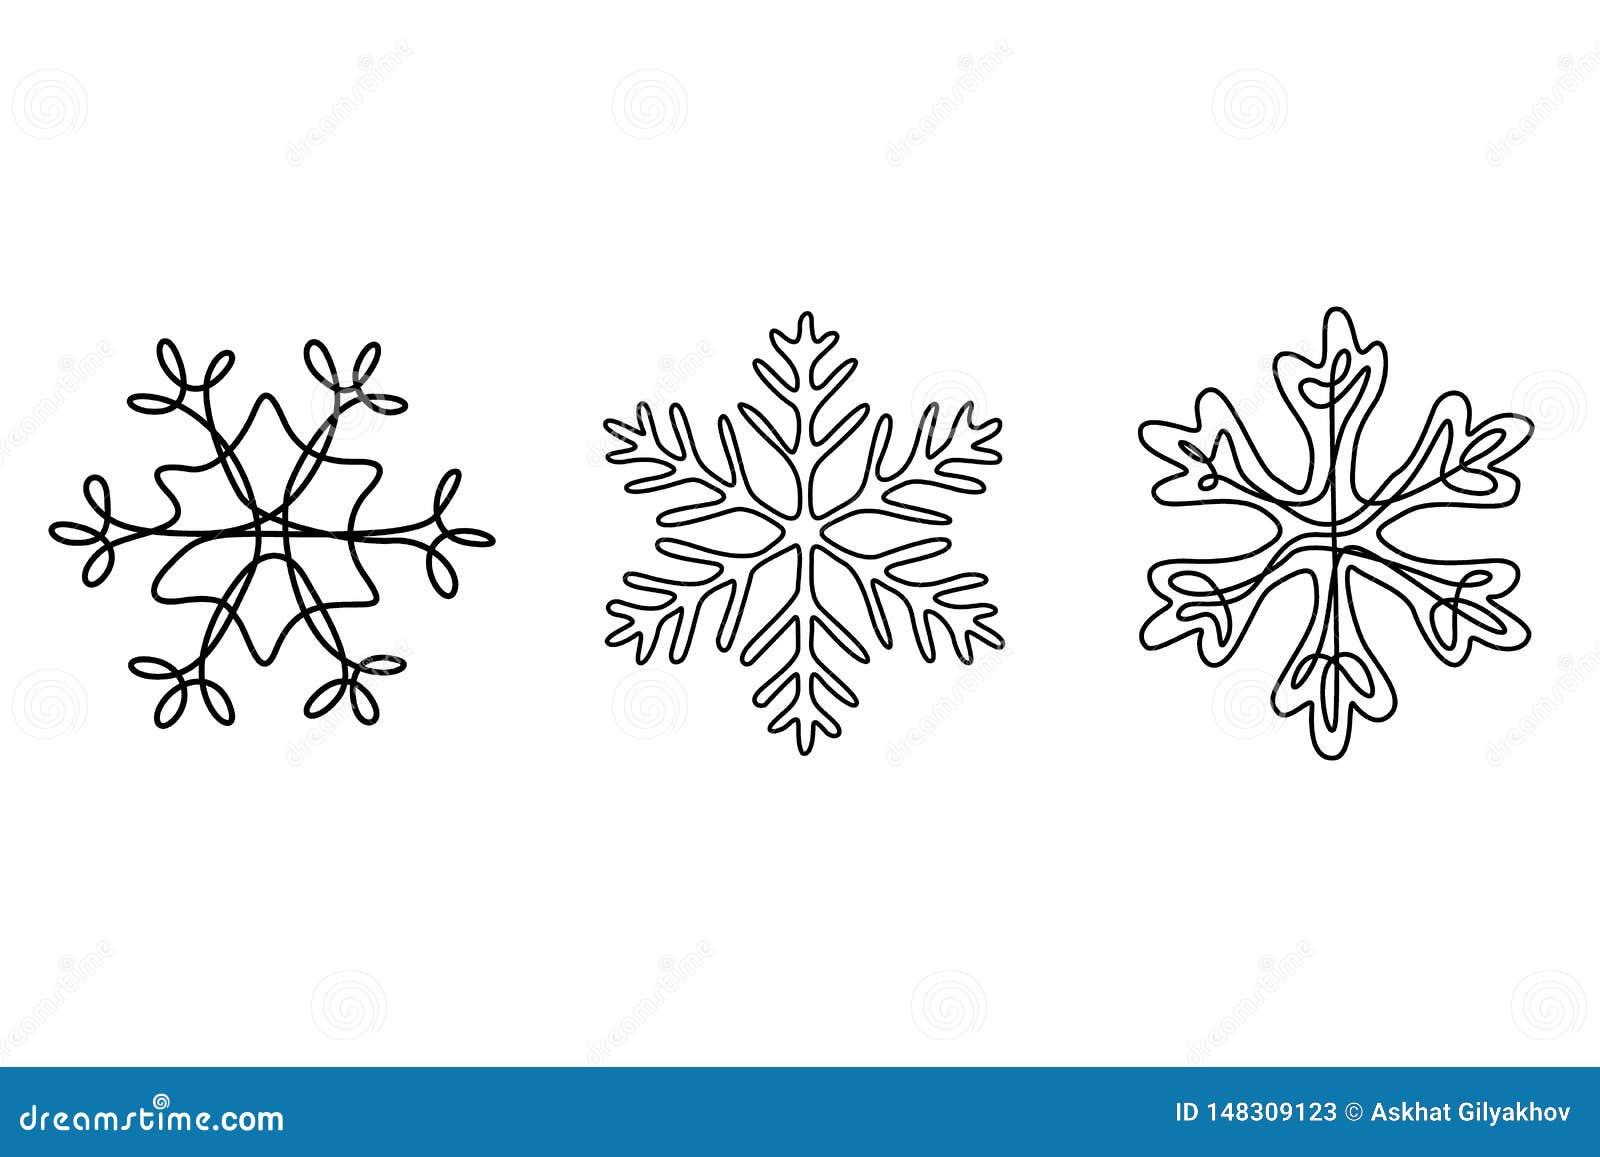 Sistema continuo de copos de nieve, tema del dibujo lineal del invierno